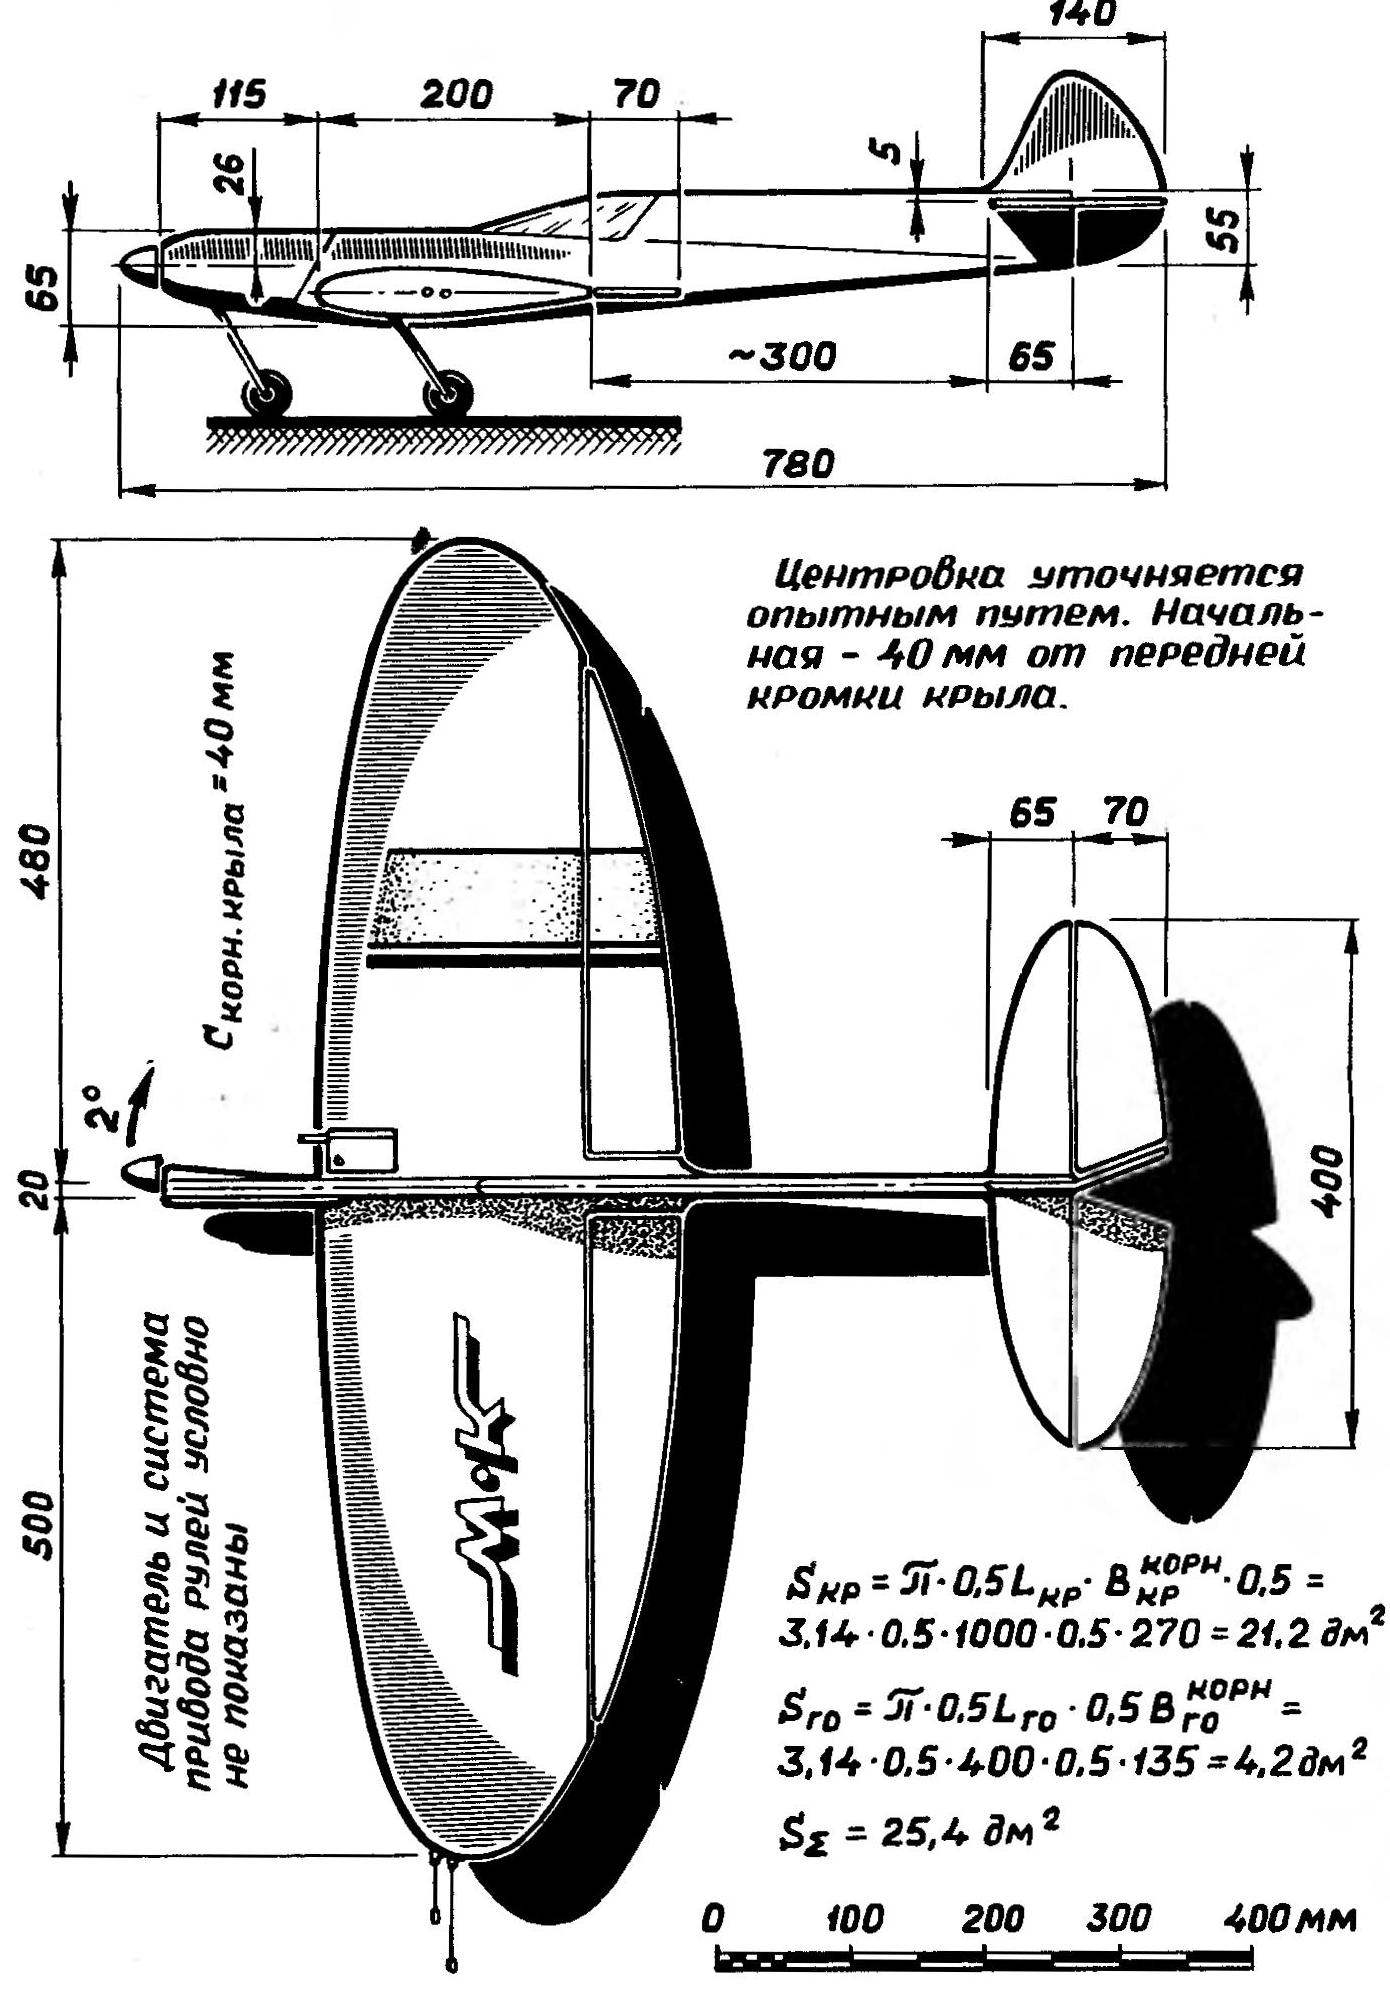 Р и с. 1. Основные геометрические данные кордовой пилотажной модели под двигатель рабочим объемом 2,5 см3